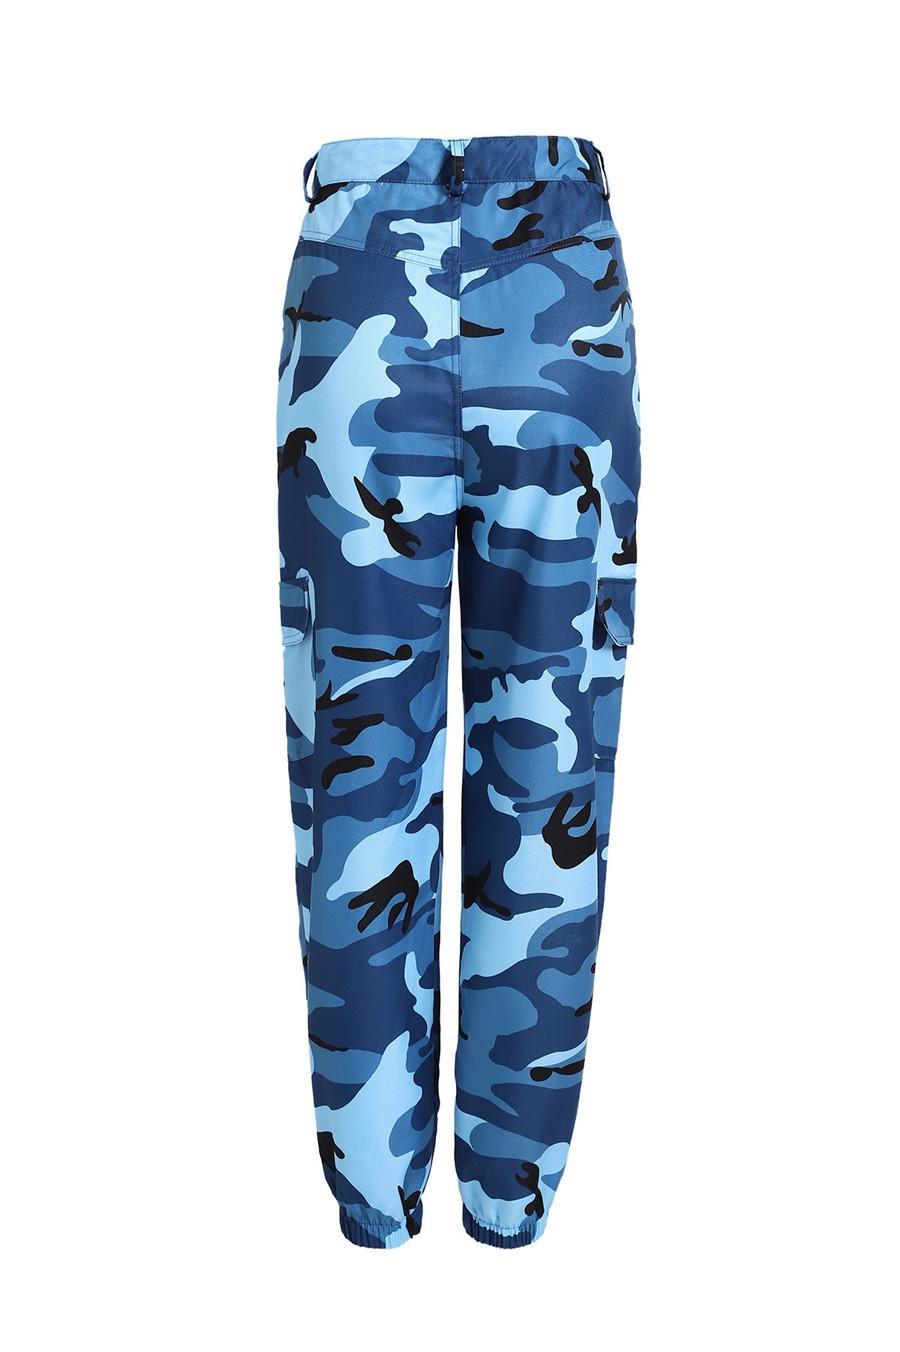 Мода мужские джинсы светло-голубой тощий рваные джинсы Уничтожено Отверстия Ripped Zipped прямо джинсовые брюки Streetwear Hole Denim # 711